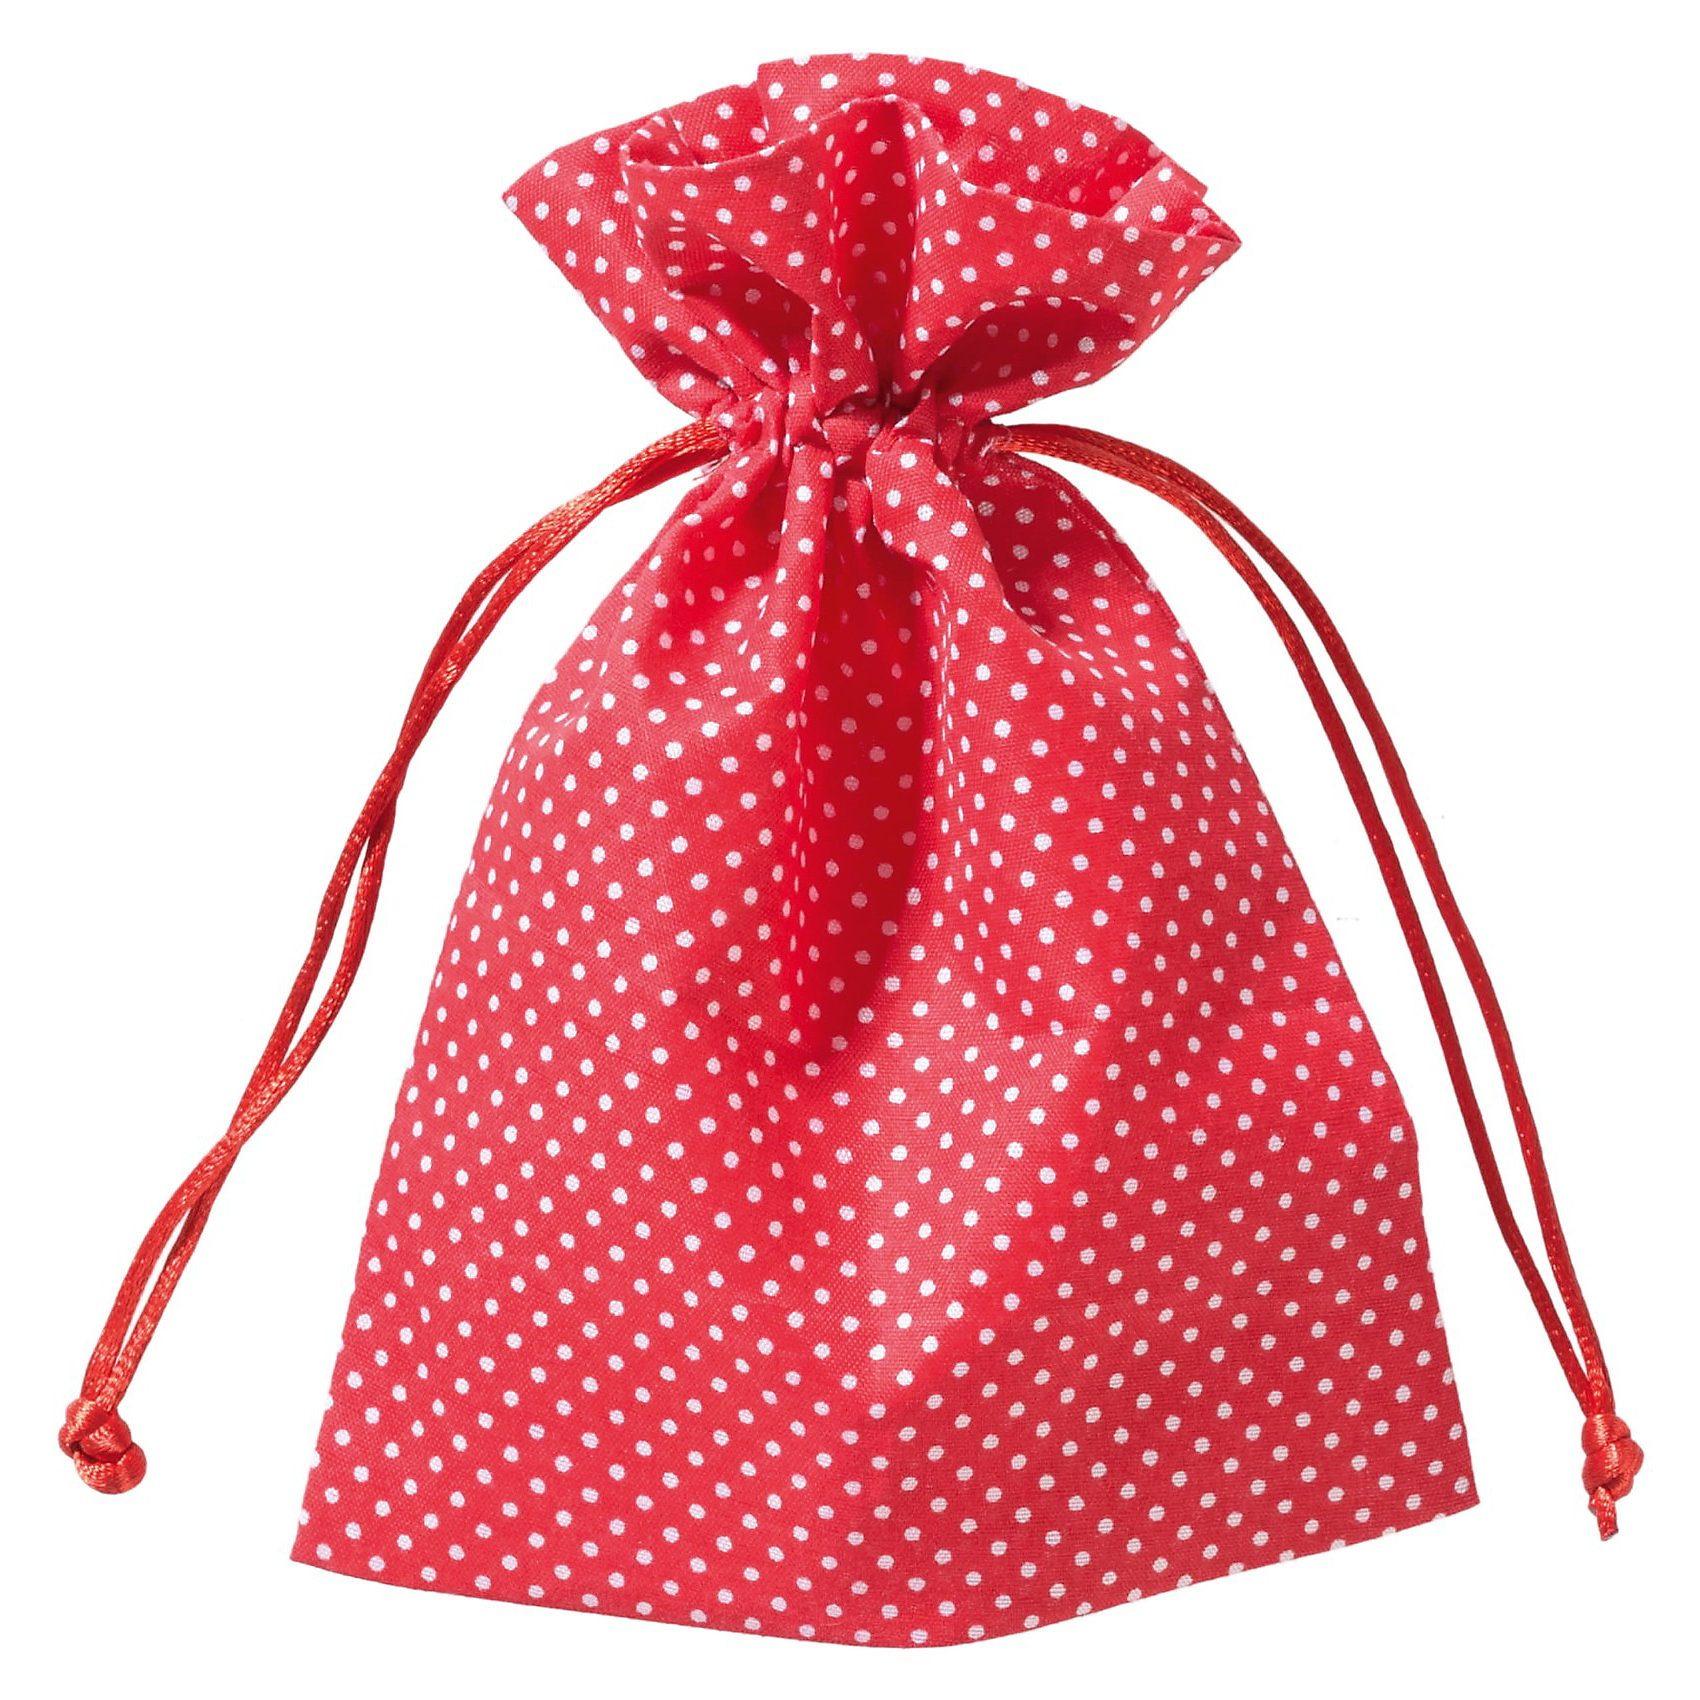 Hotex Stoffbeutel 13 x 18 cm Punkte rot-weiß, 12 Stück